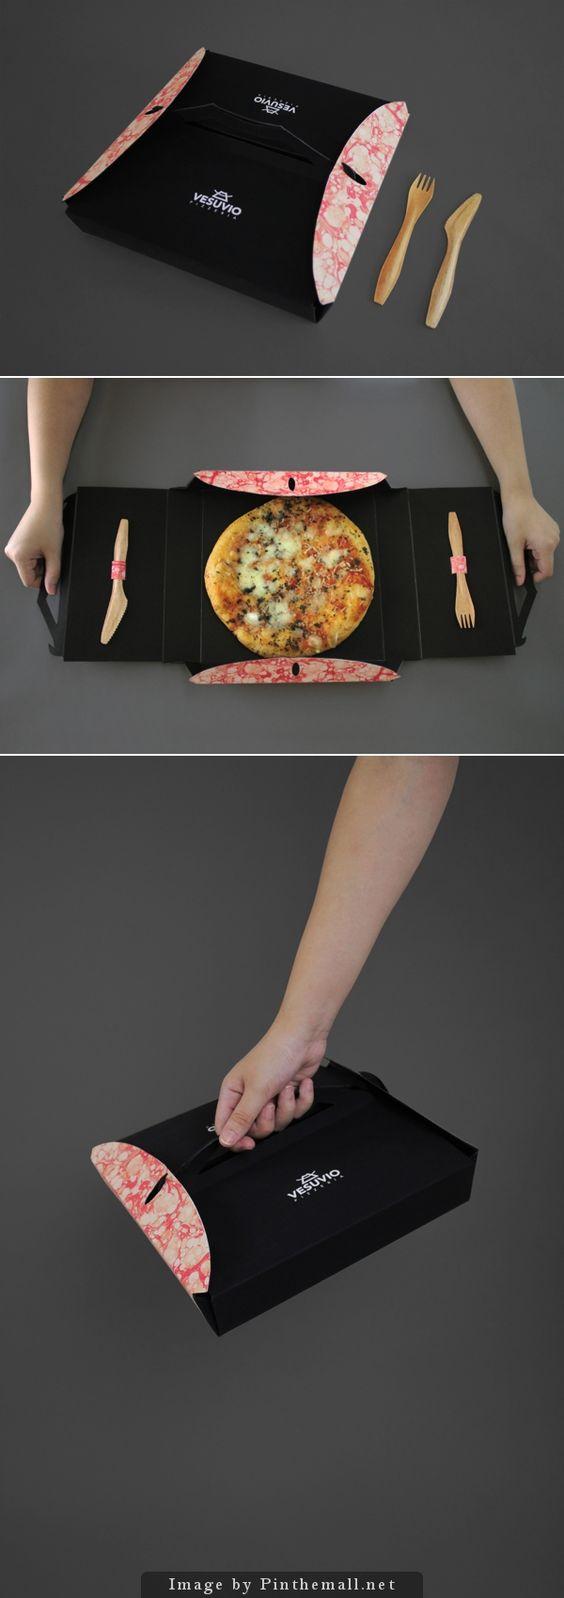 Vesuvio-Pizzeria